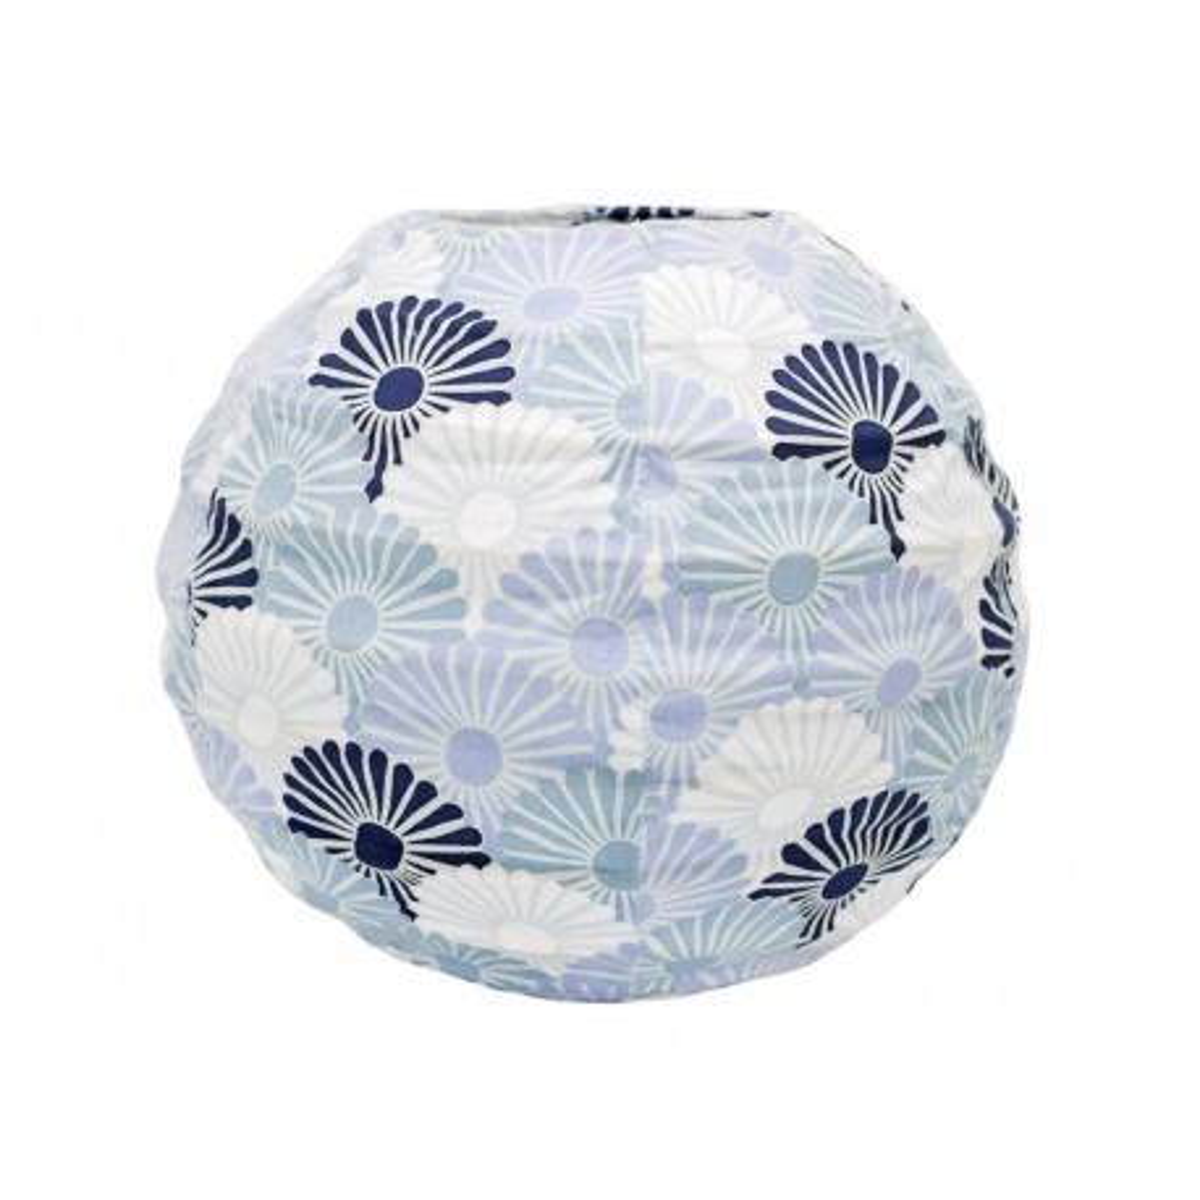 Lampion tissu boule japonaise mini rond bleus clair et foncé